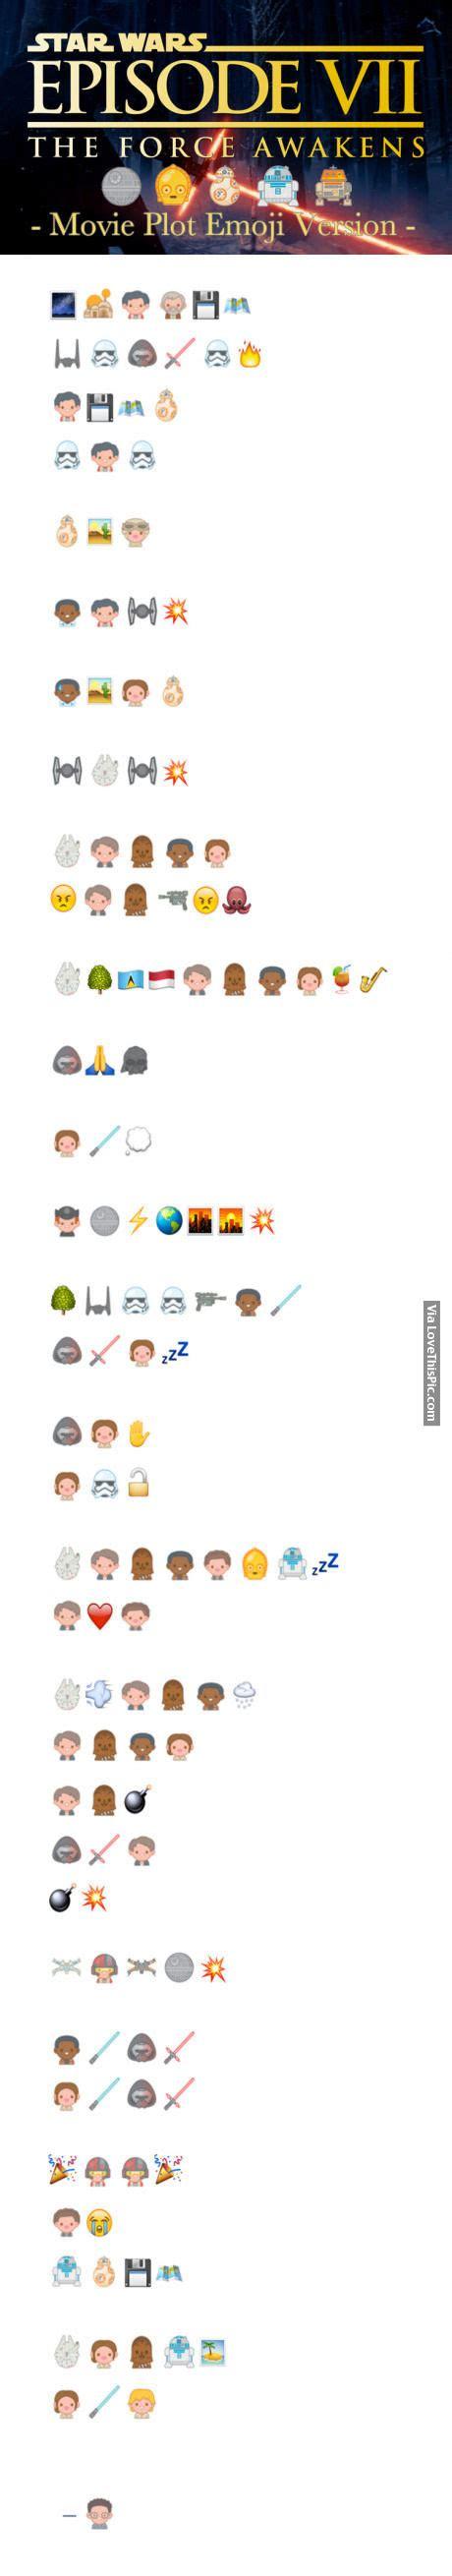 emoji versions star wars episode vii movie plot emoji version pictures